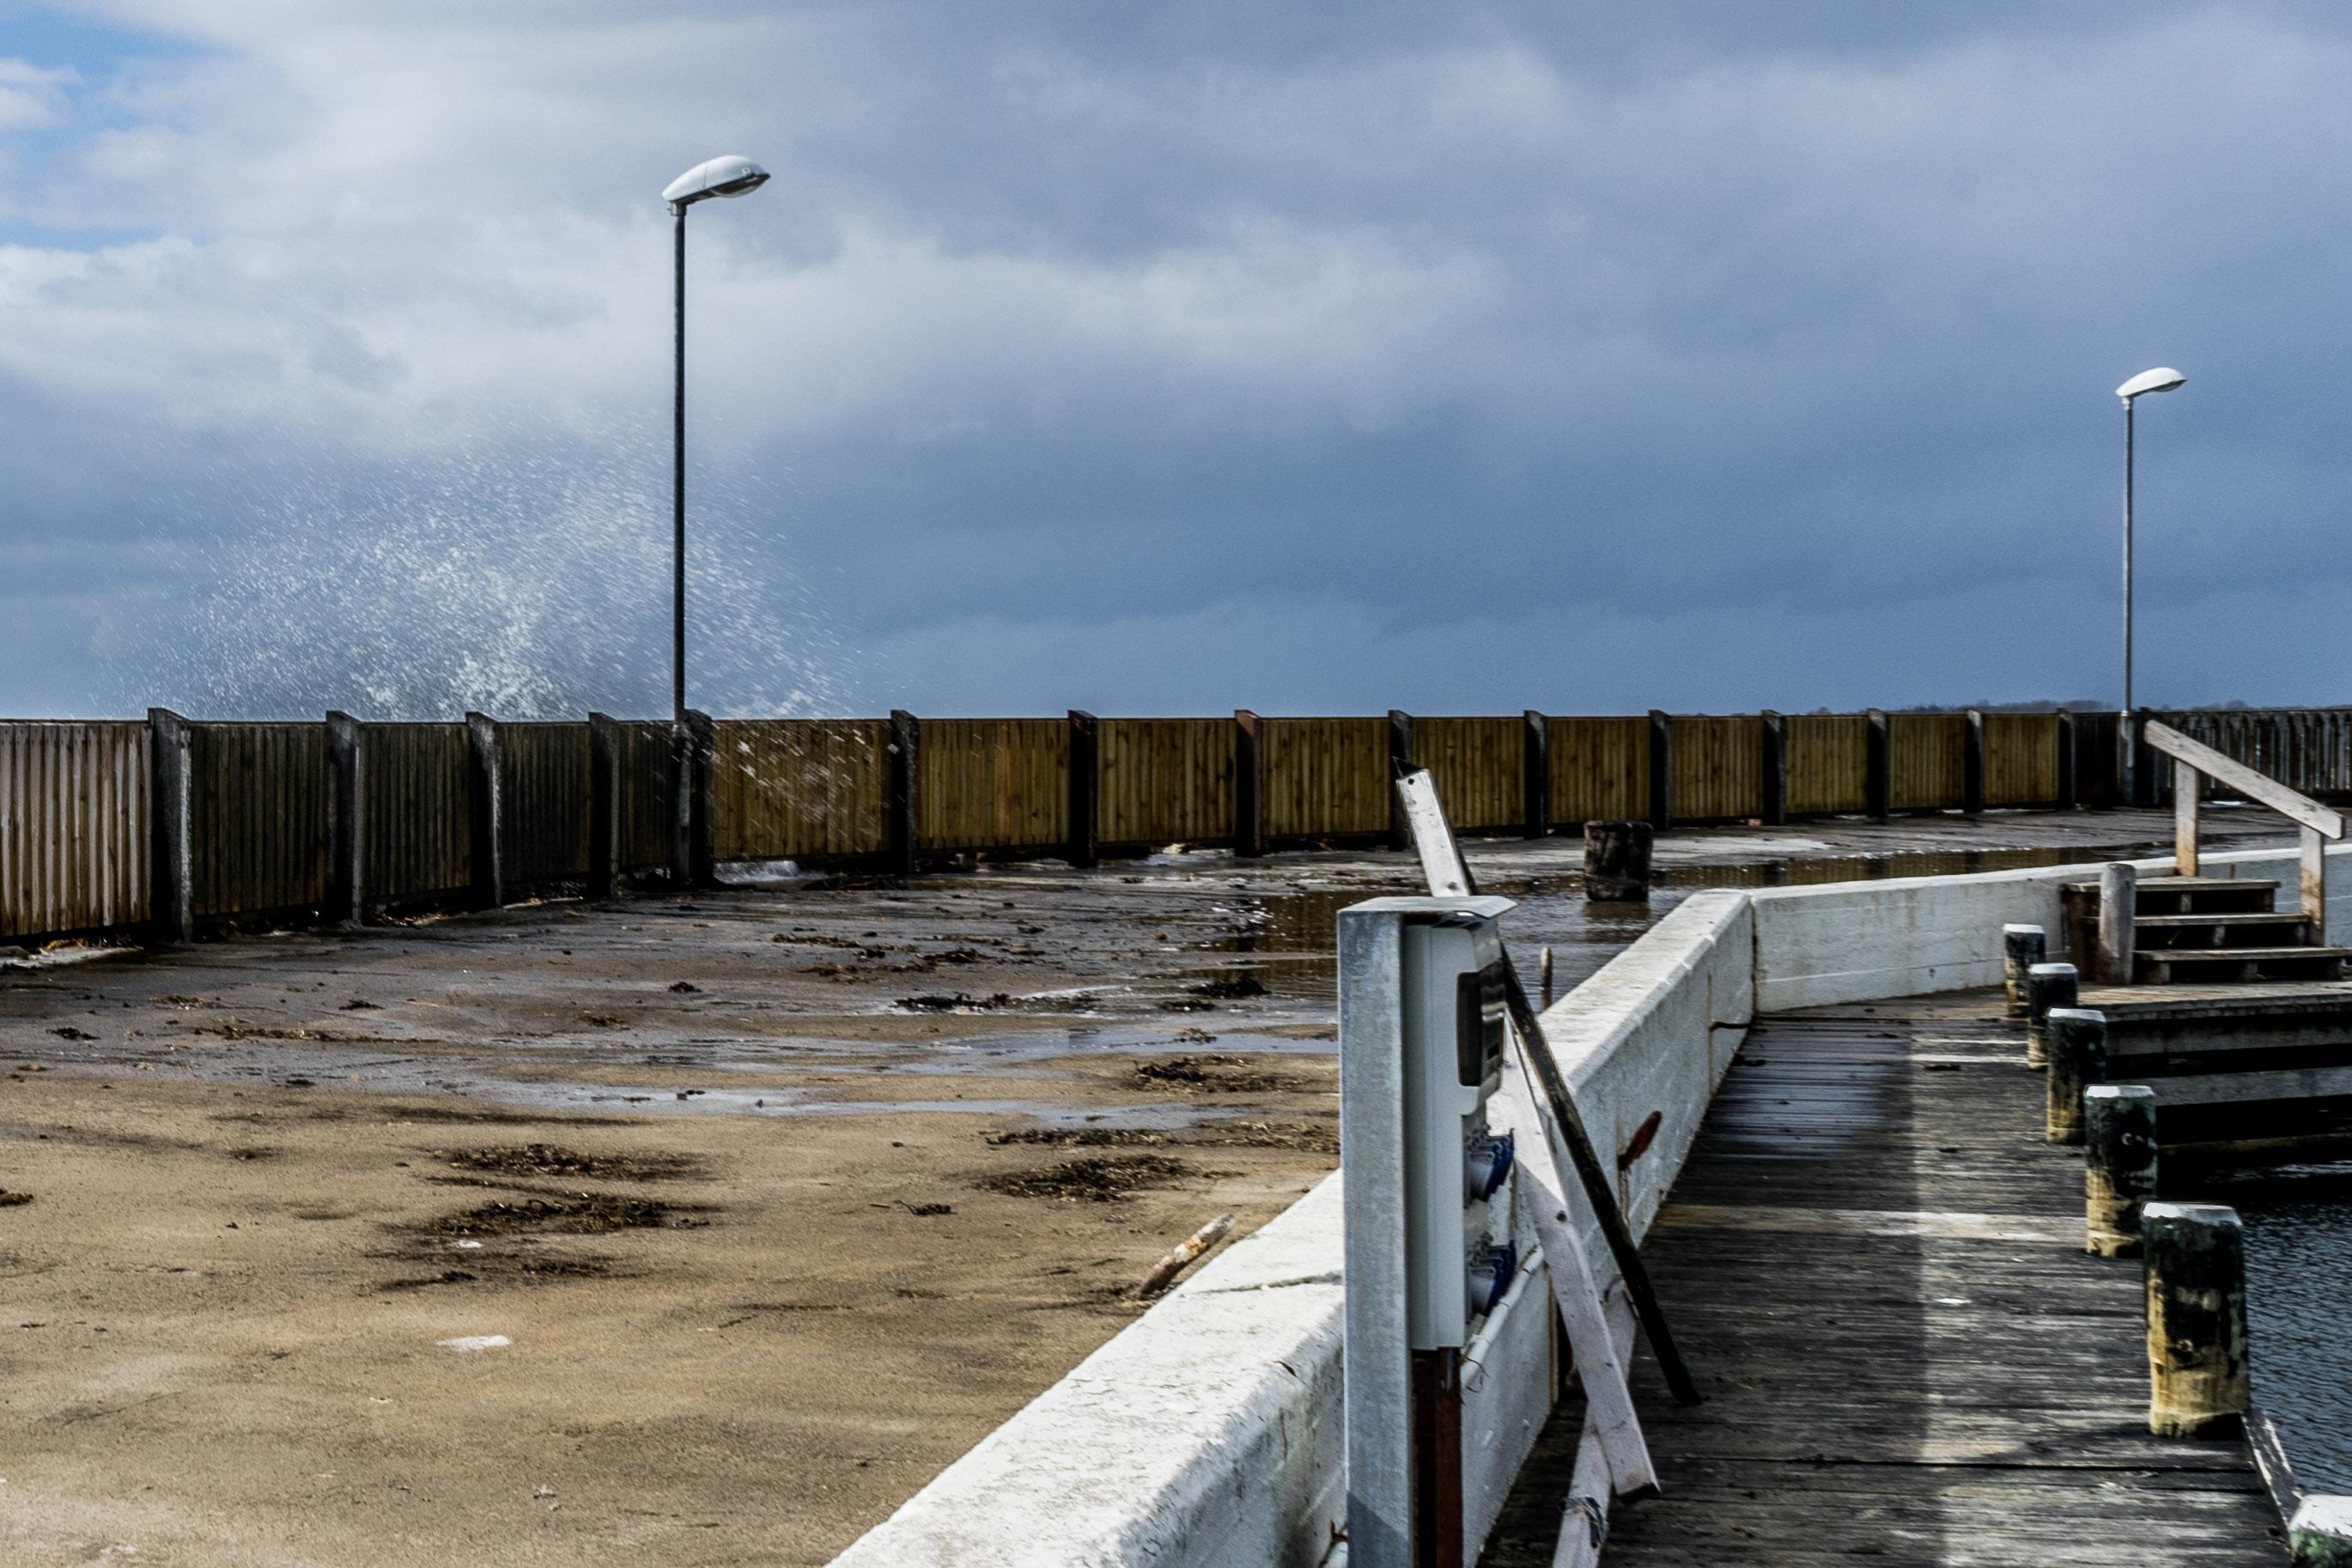 Gischt spritzt über die Hafenmole